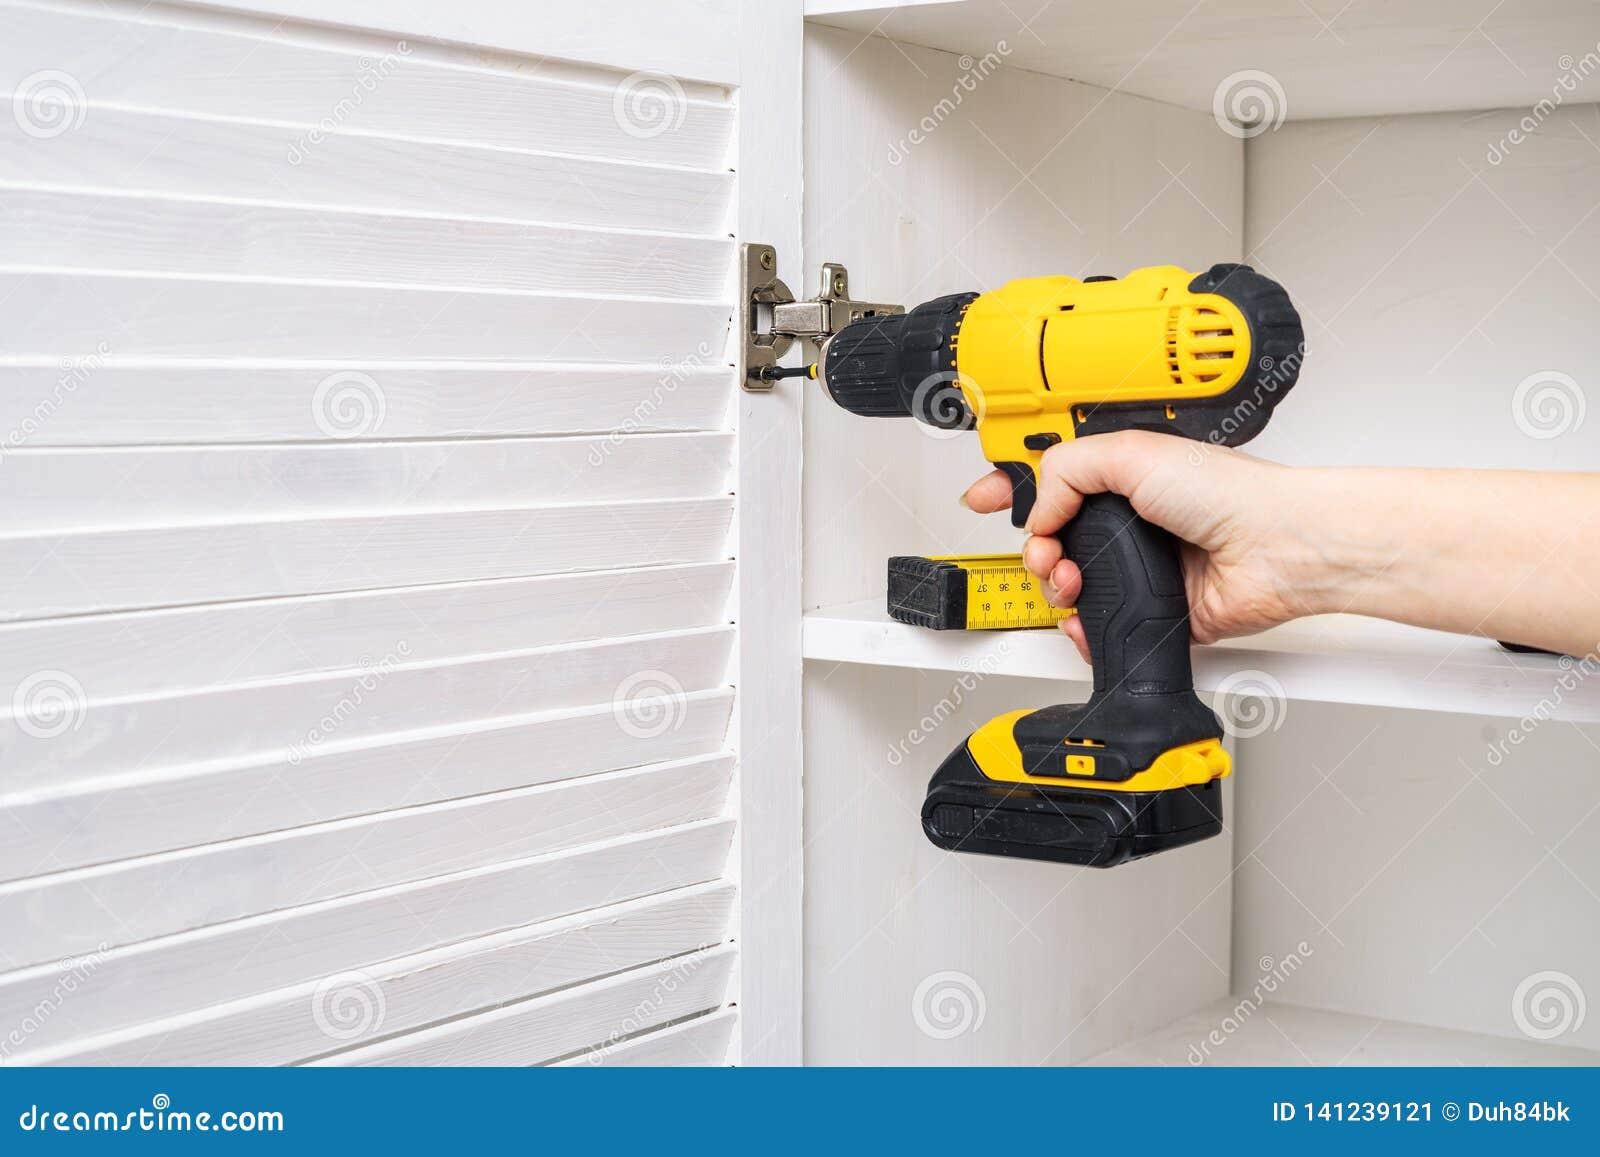 黄色螺丝刀在一只女性手上 家具铰链的设施在橱门的